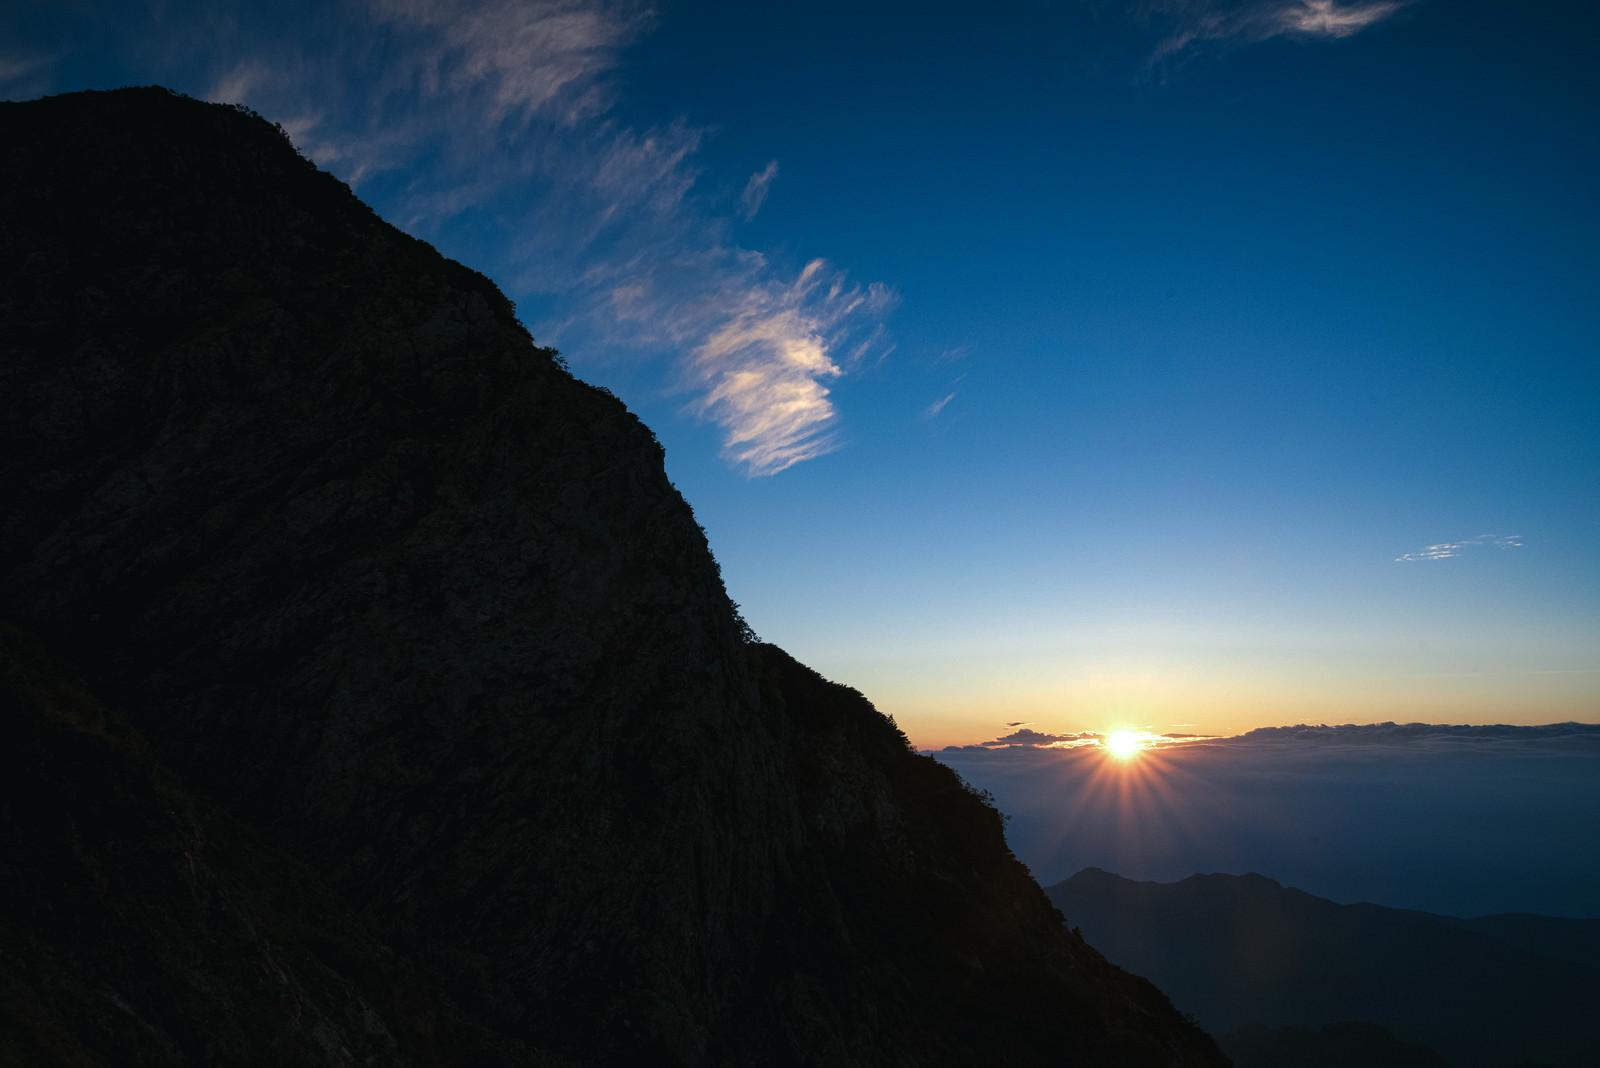 夜明けの太陽と朝焼けのフリー素材